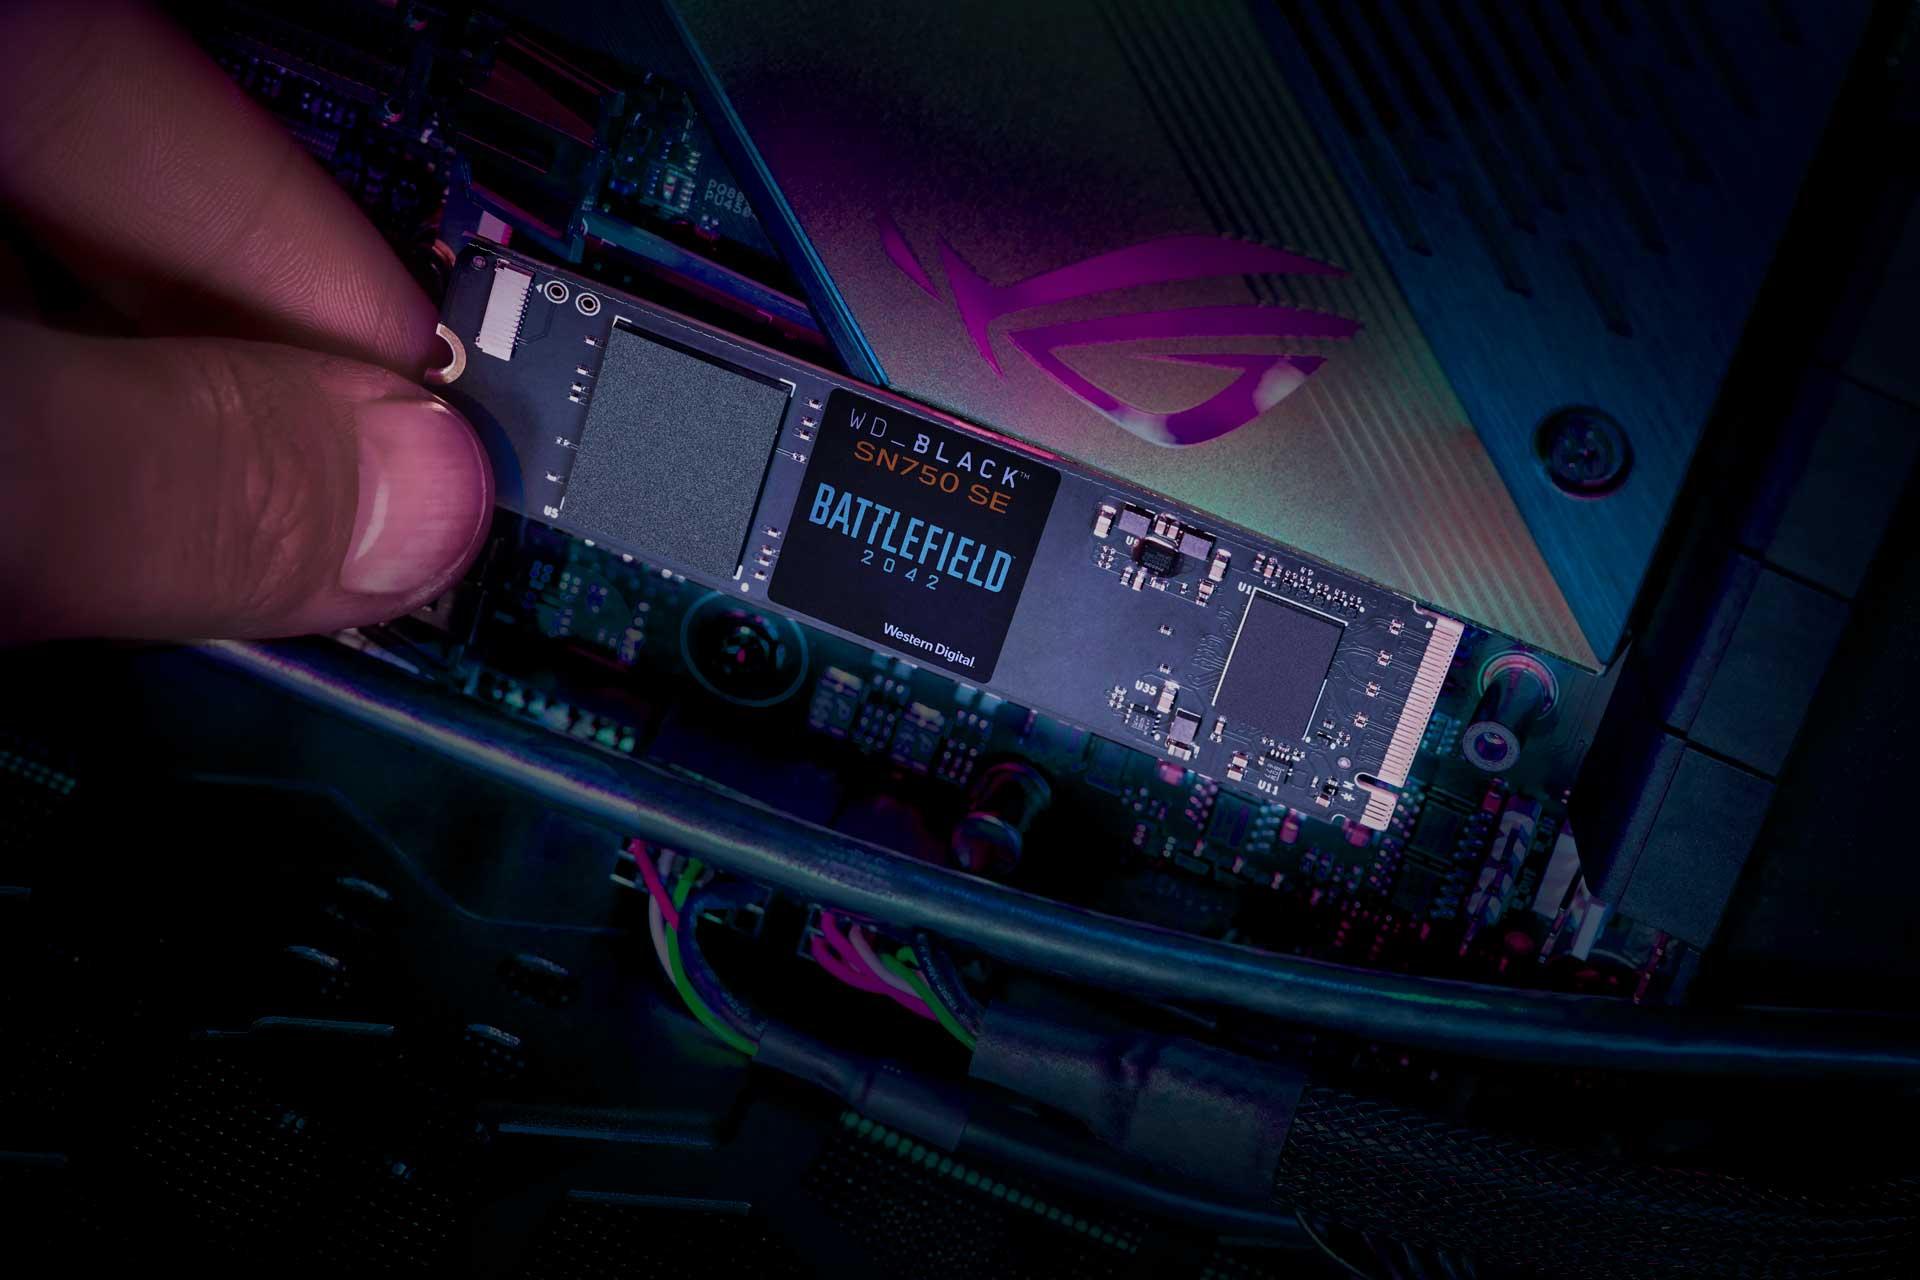 Battlefield 2042 WD_Black SN750 SSD